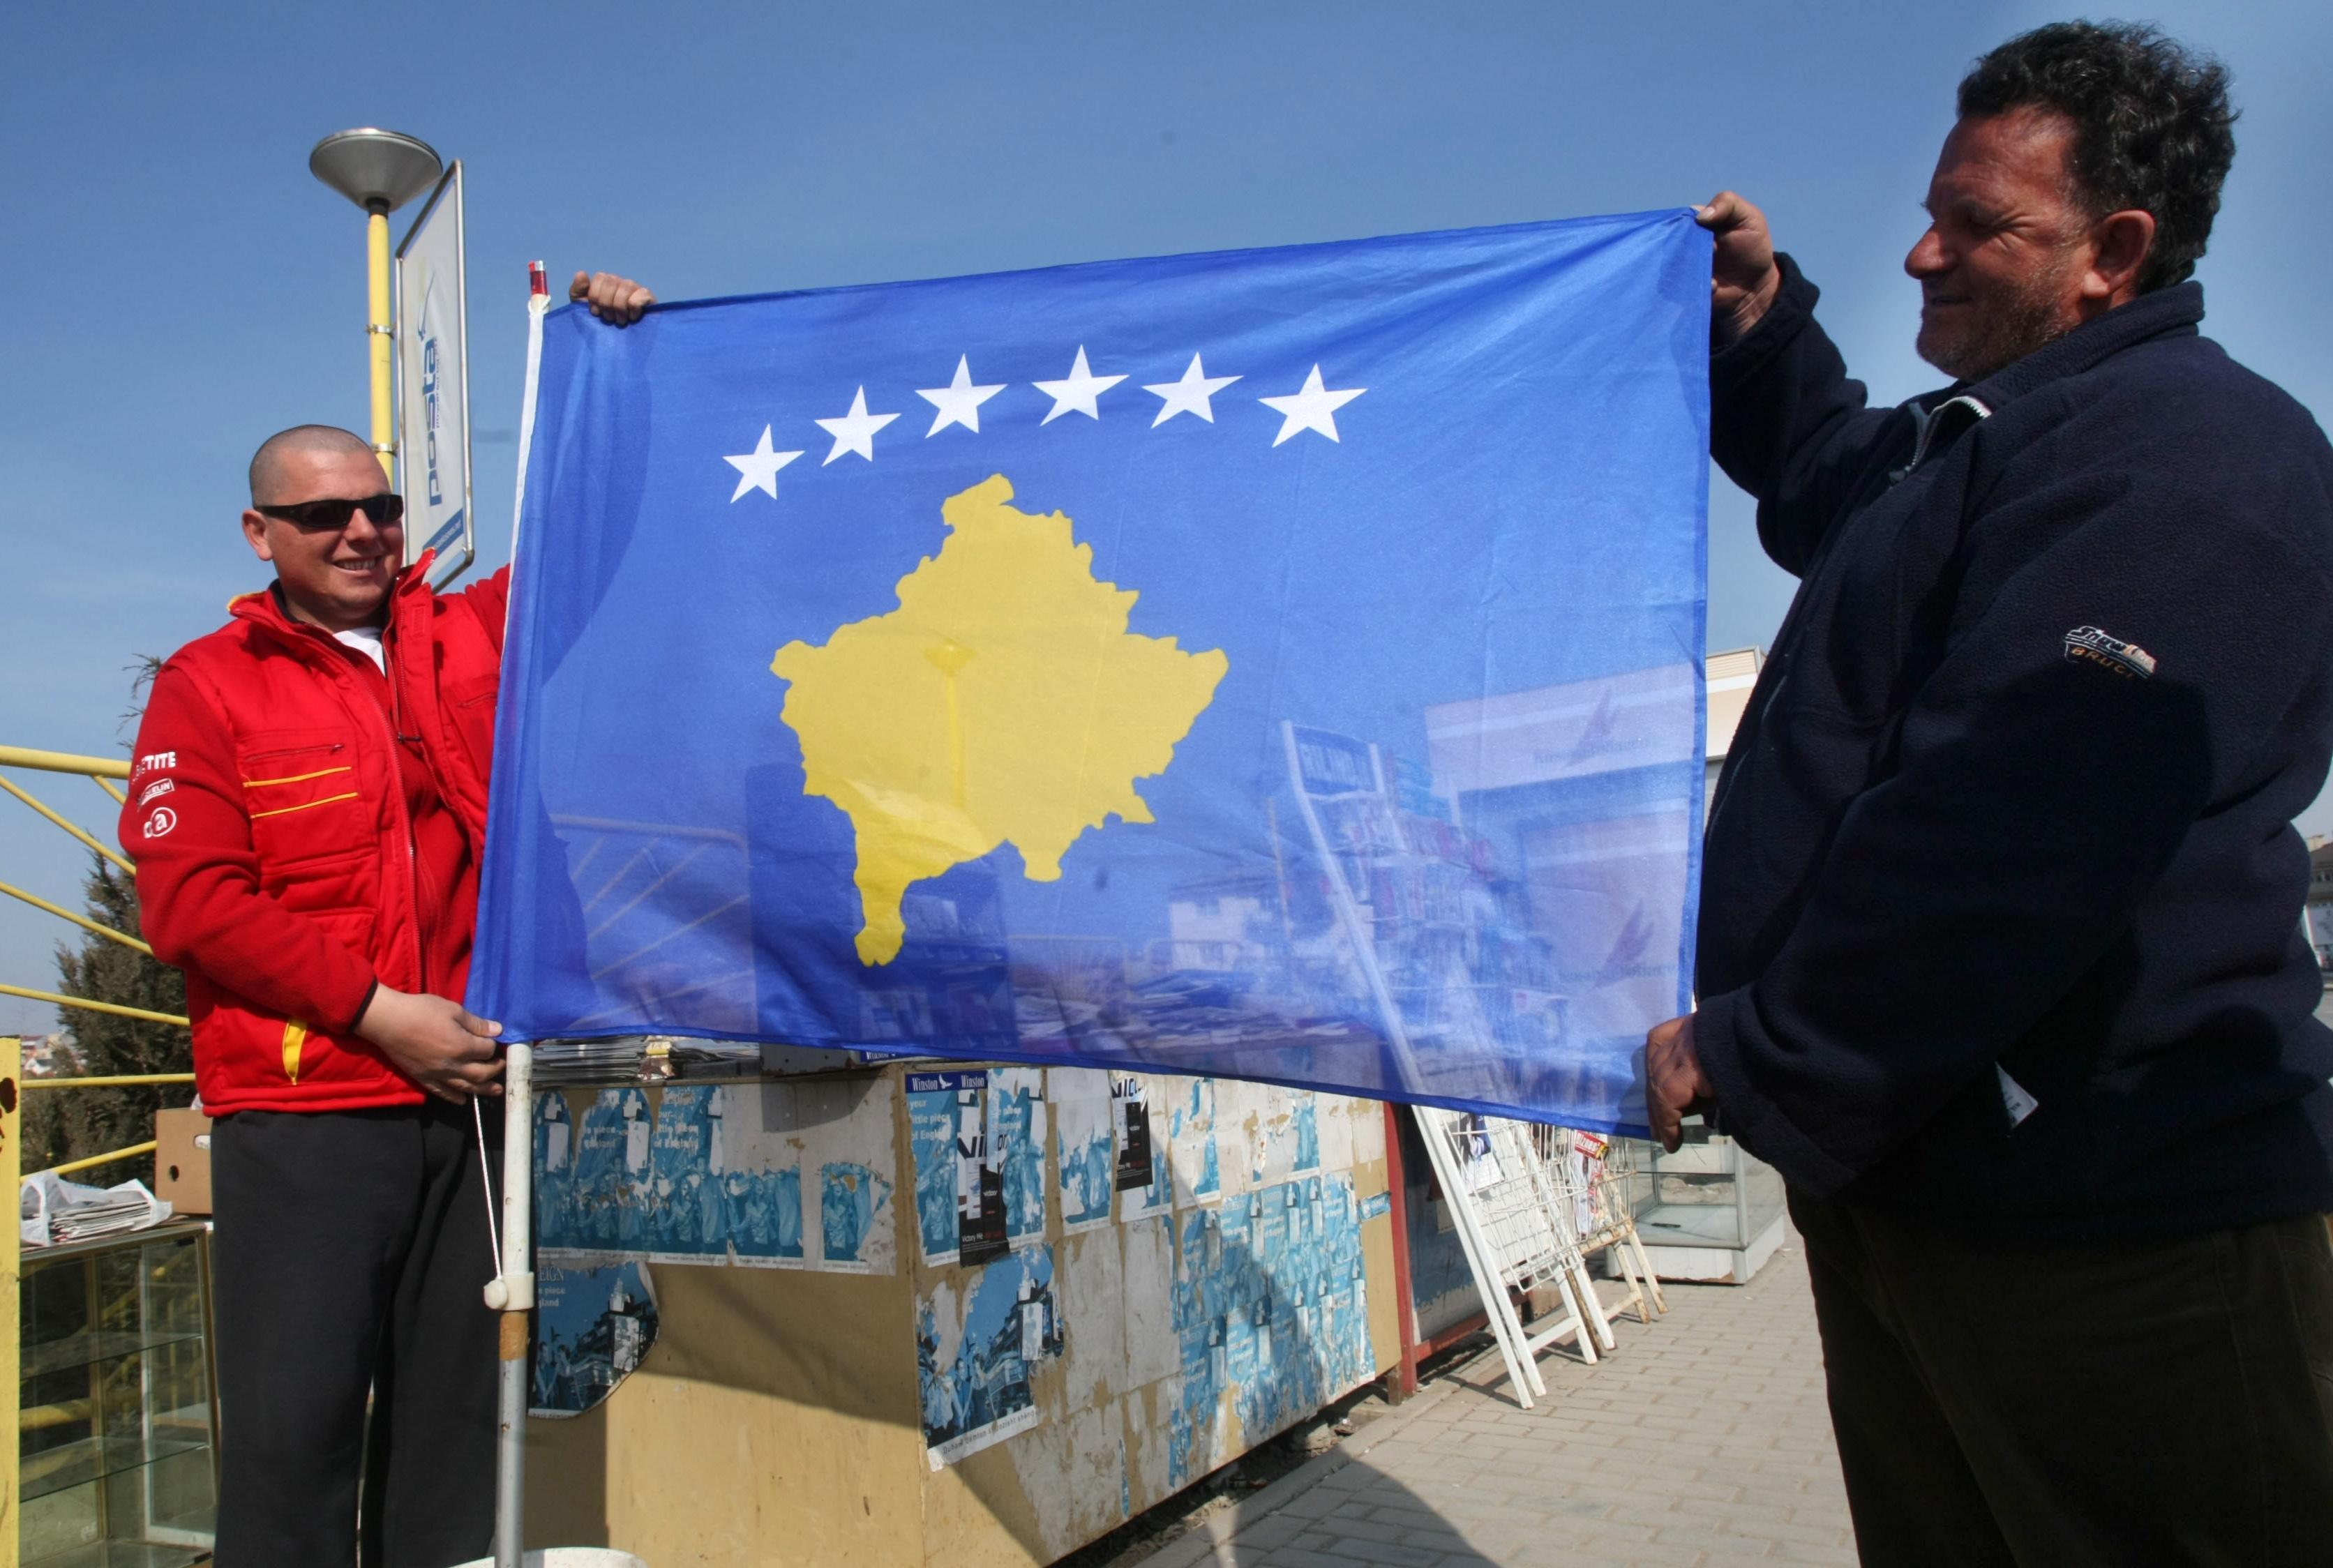 Жители Приштины с флагом свободной республики Косово